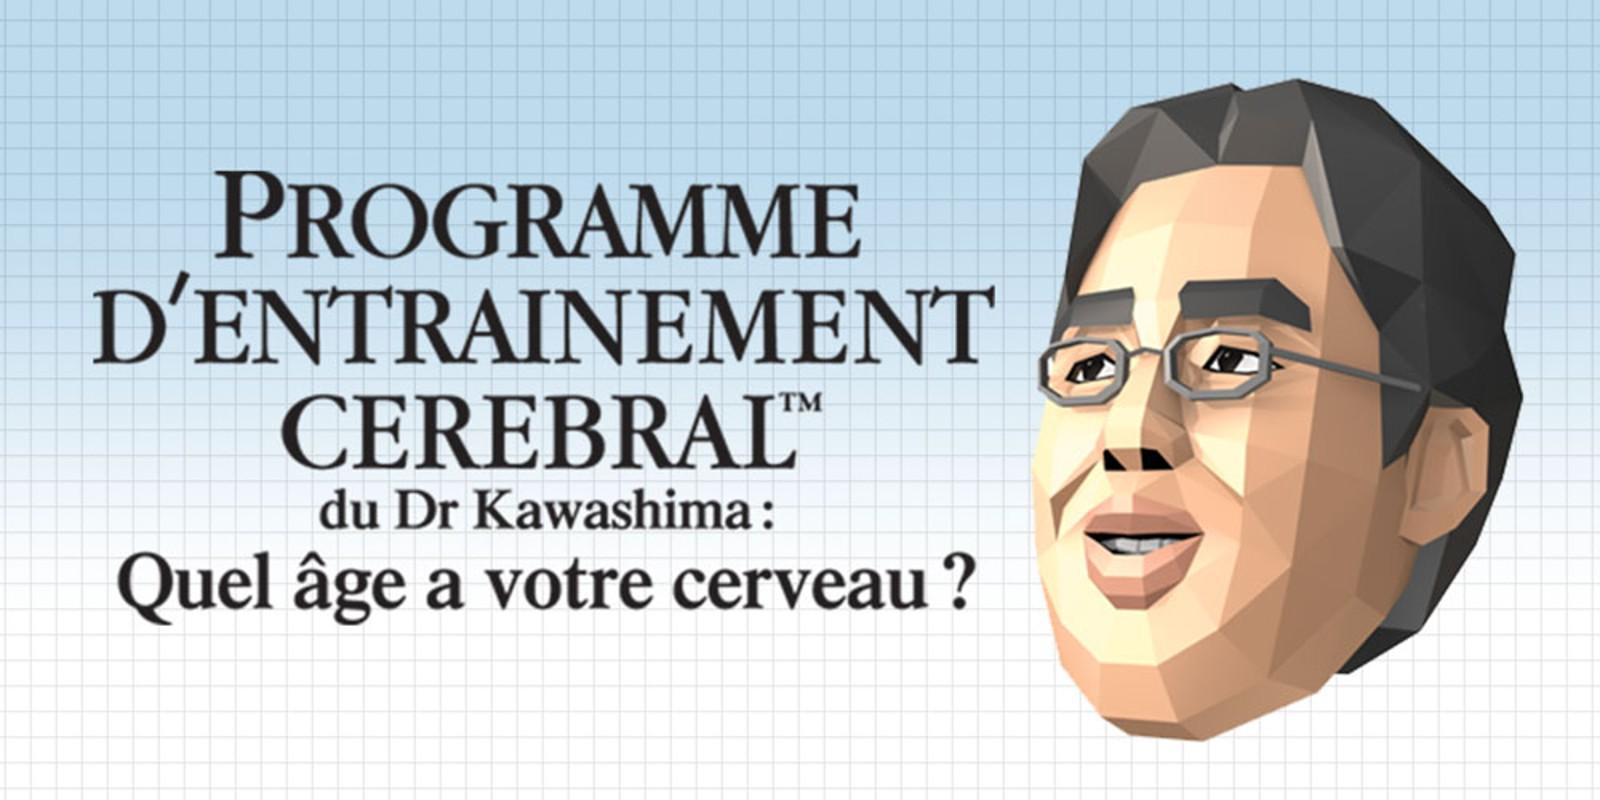 docteur kawashima nds